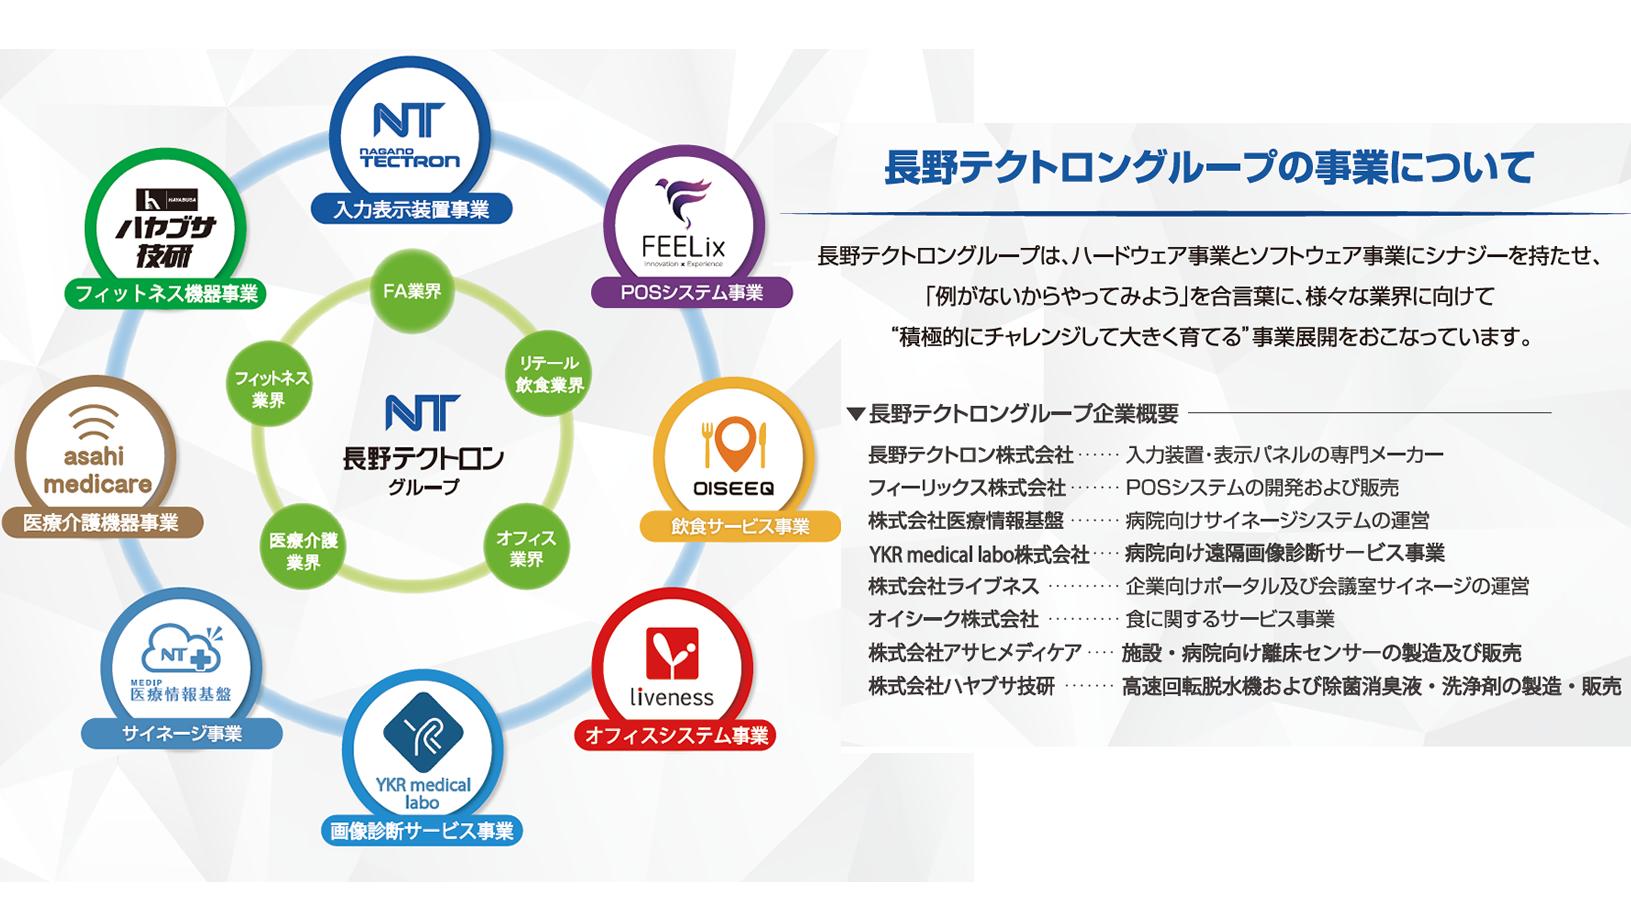 長野テクトロングループの事業について